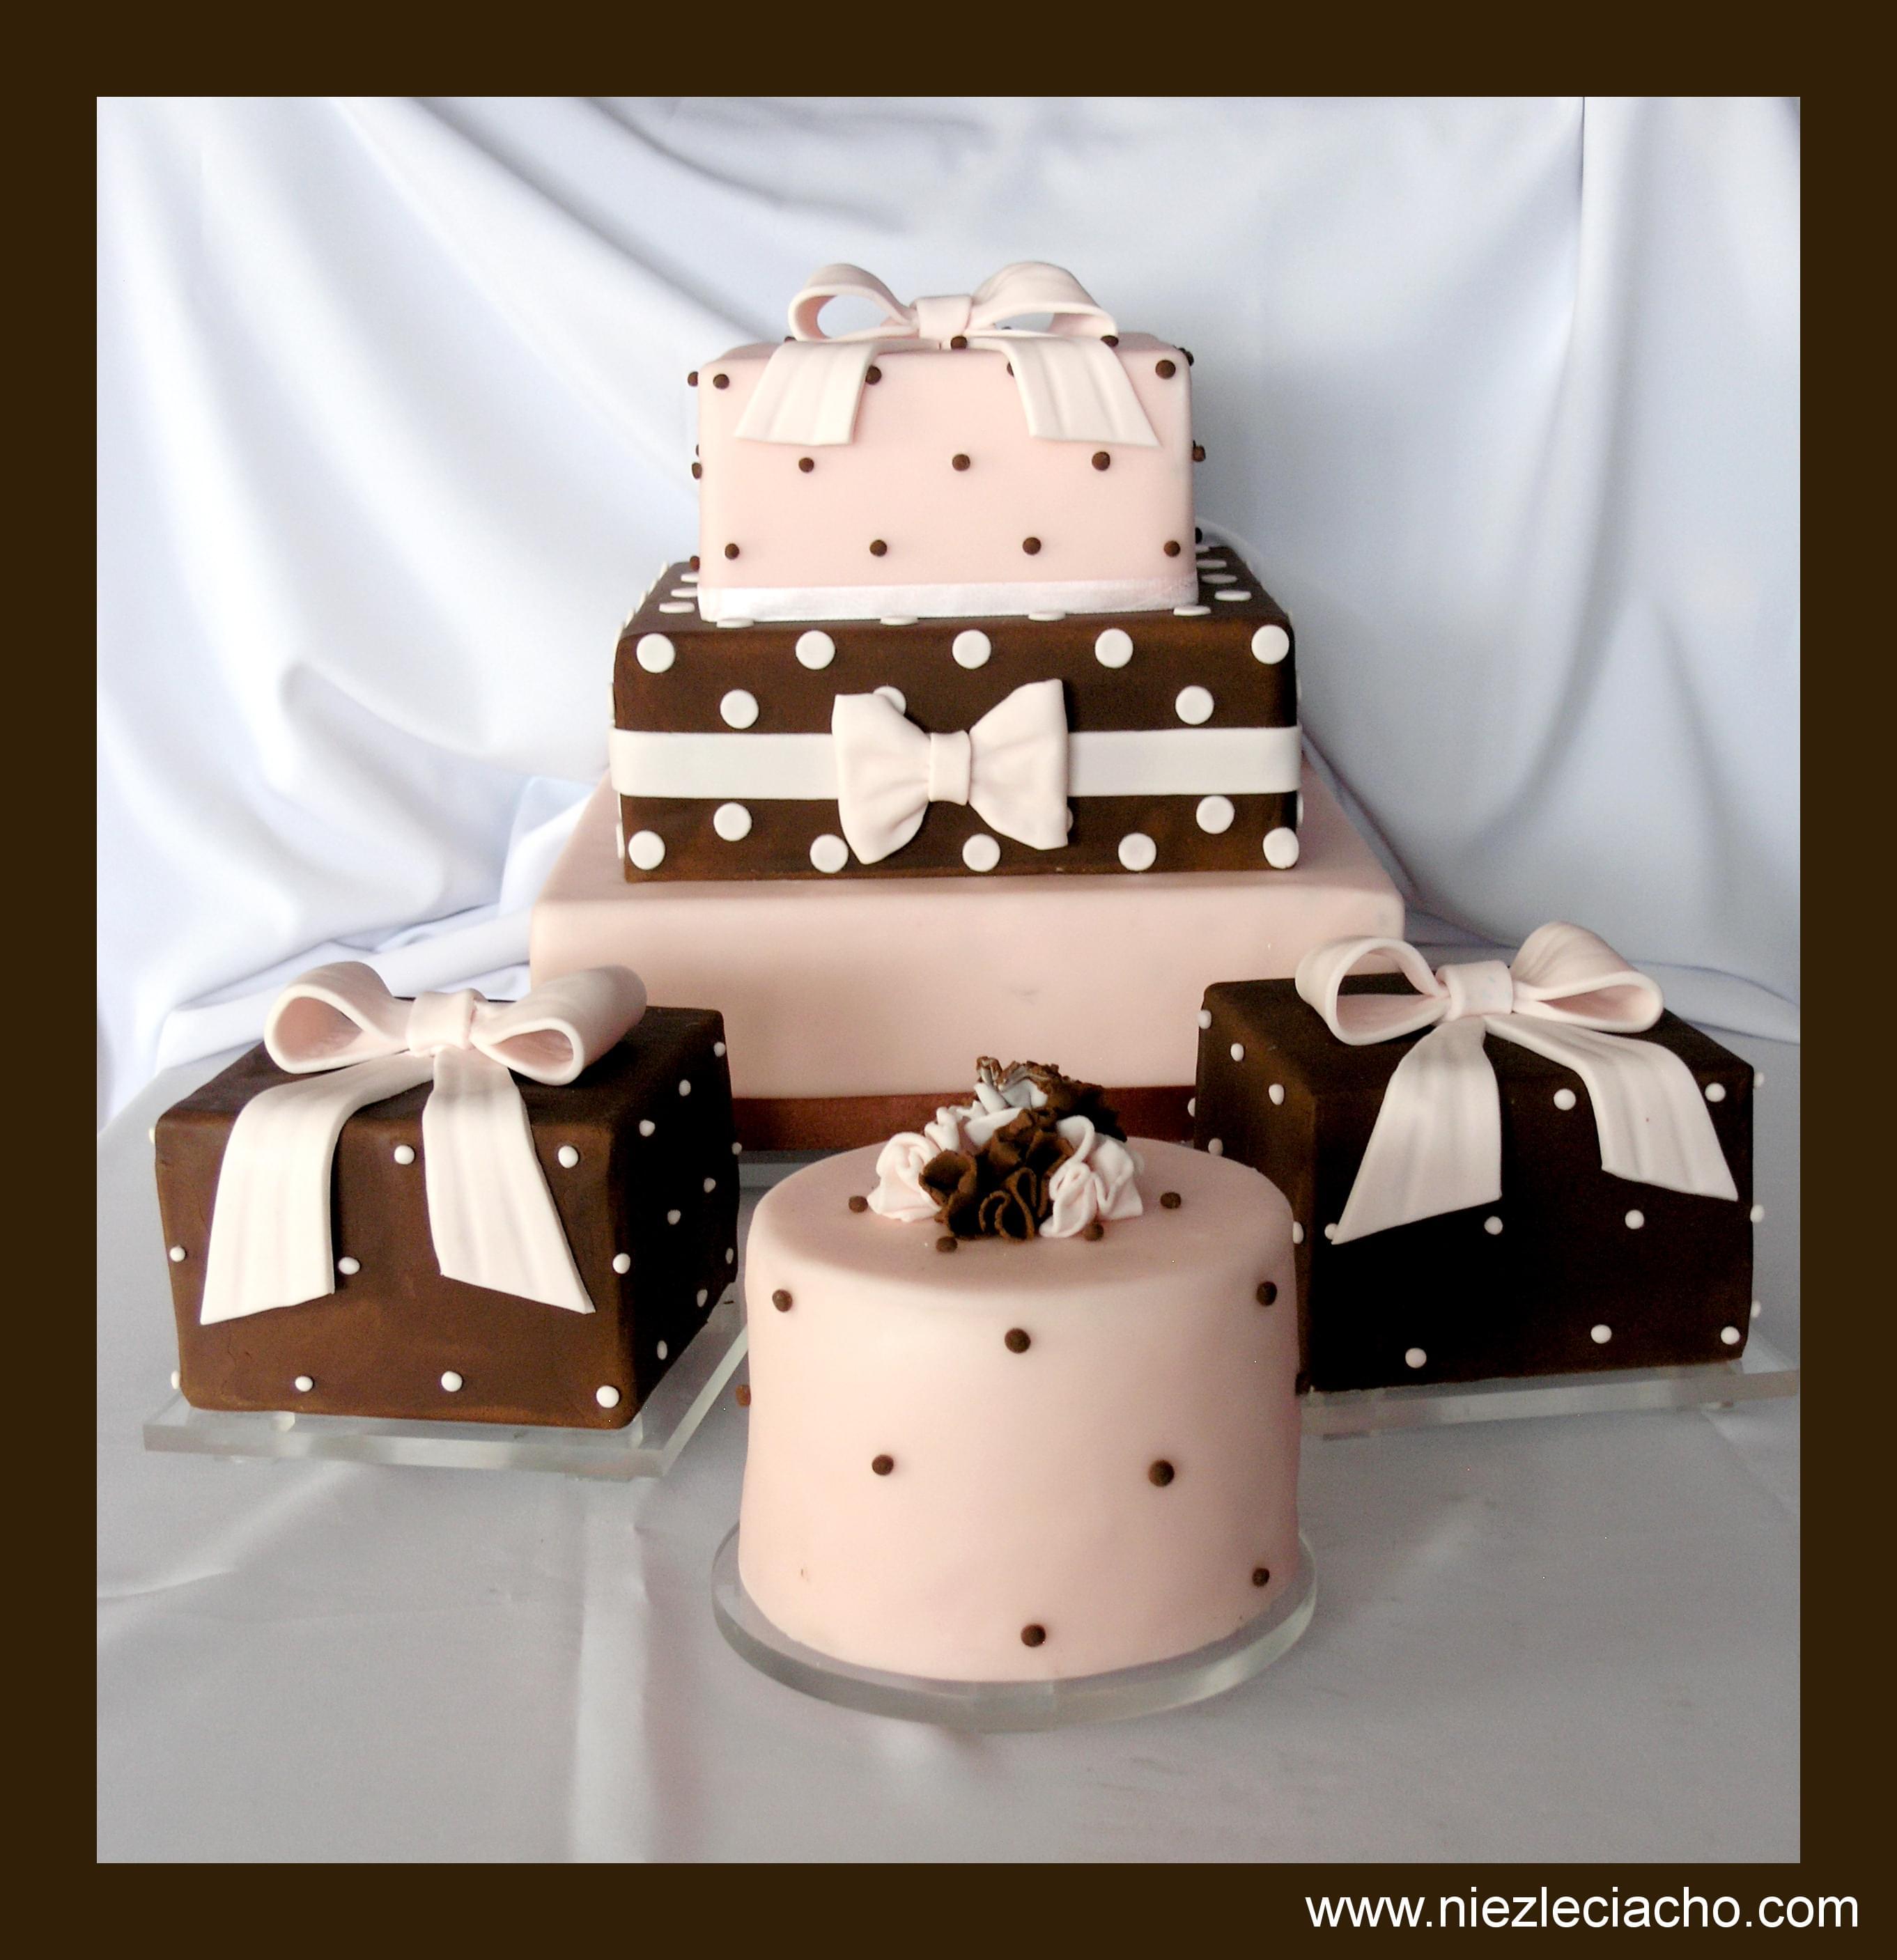 niezłe ciacho artystyczne torty ślubne sugarcrafting